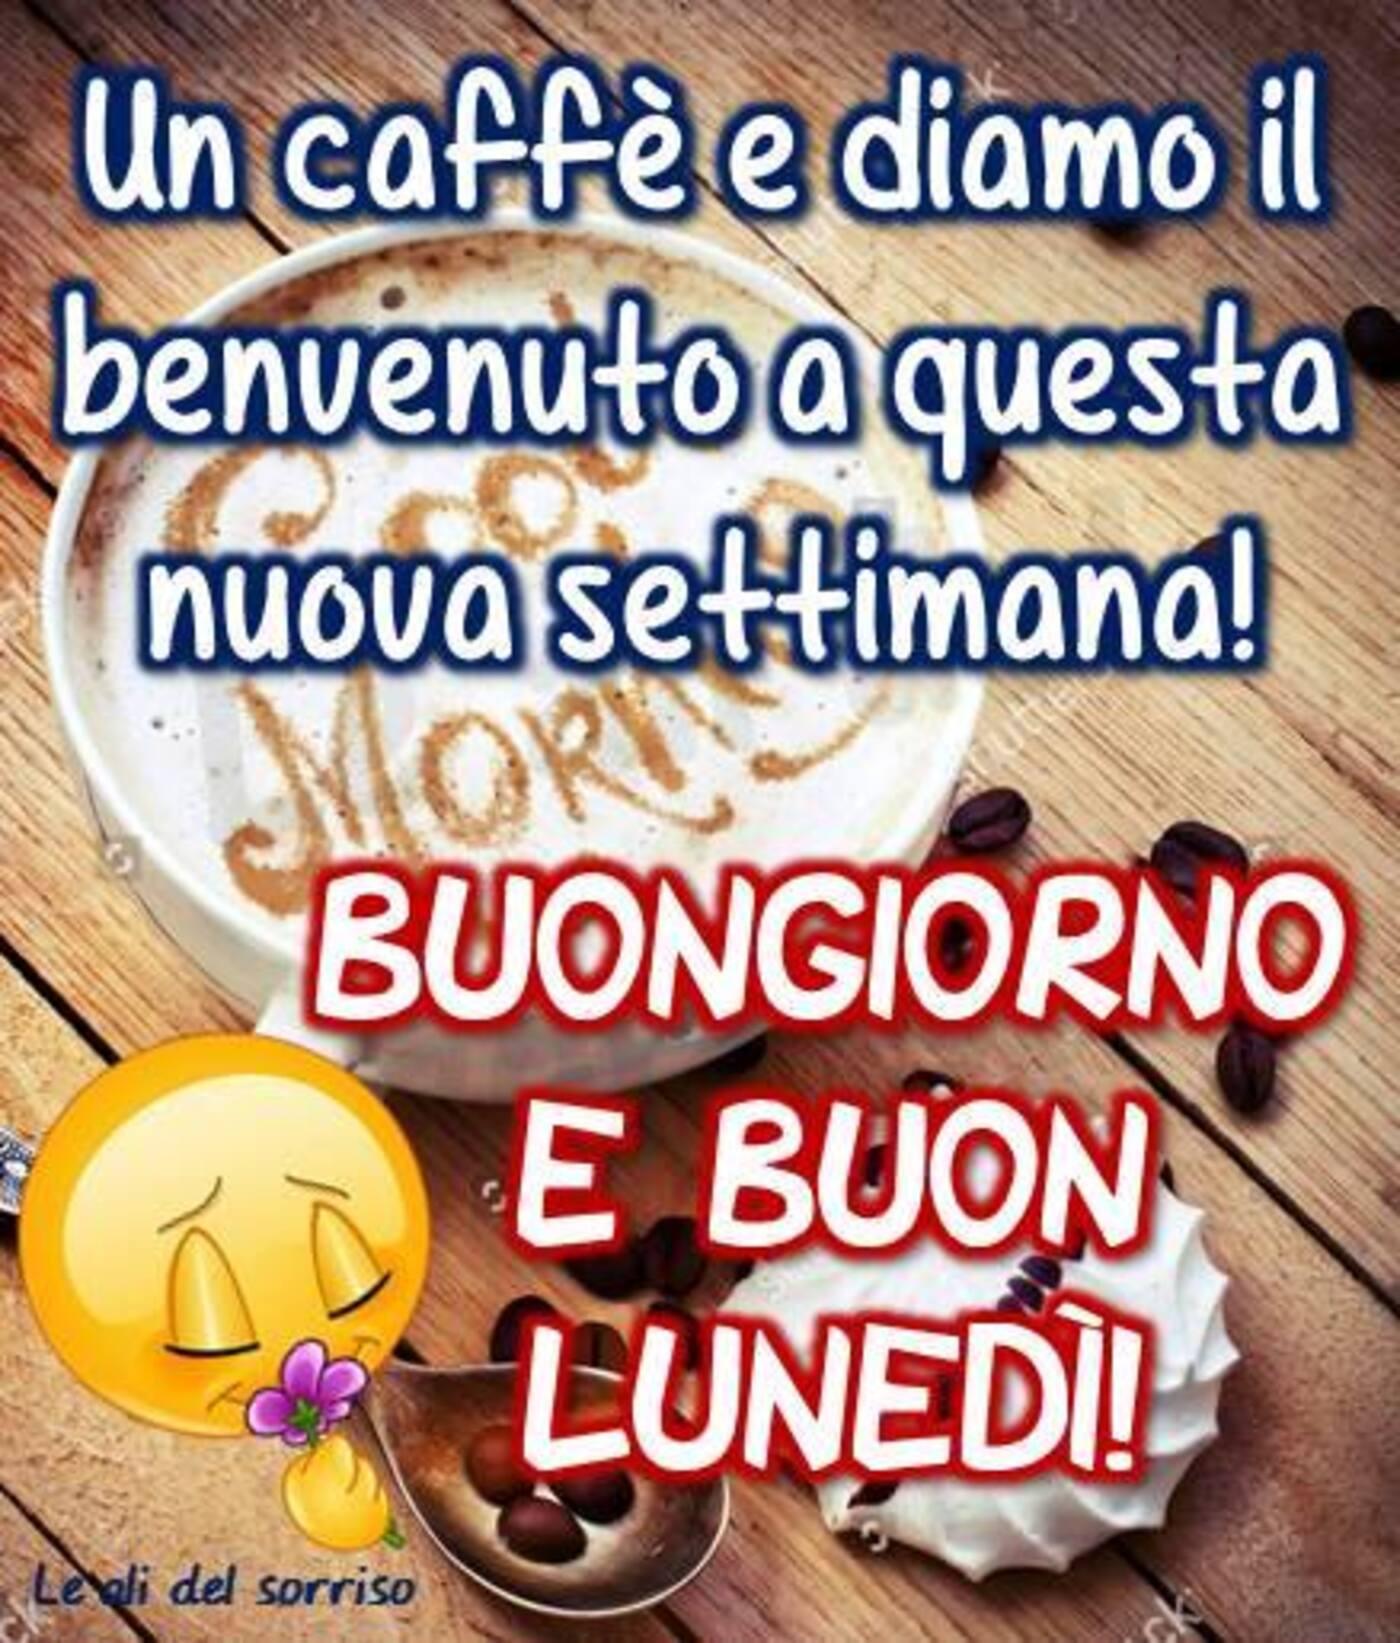 Un caffè e diamo il benvenuto a questa nuova settimana! Buongiorno e Buon Lunedì